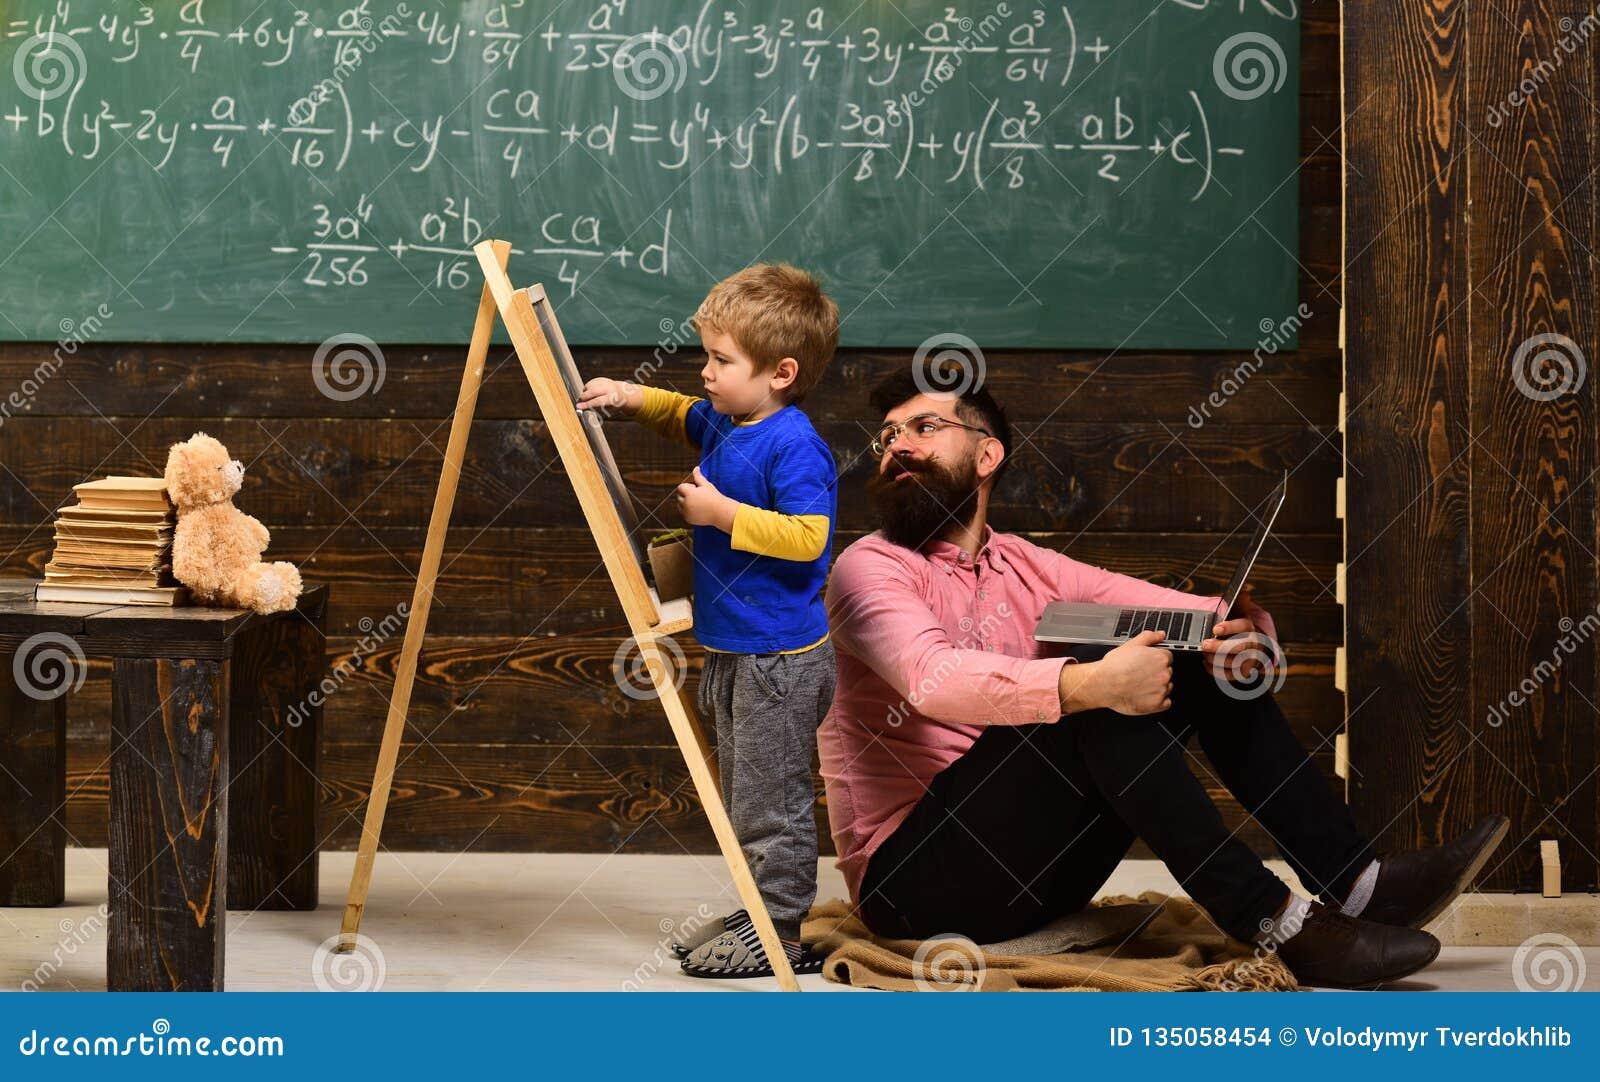 Бородатый человек гувернер или учитель Ребенок дошкольного возраста помощи учителя или гувернера конференция Академичный успех го